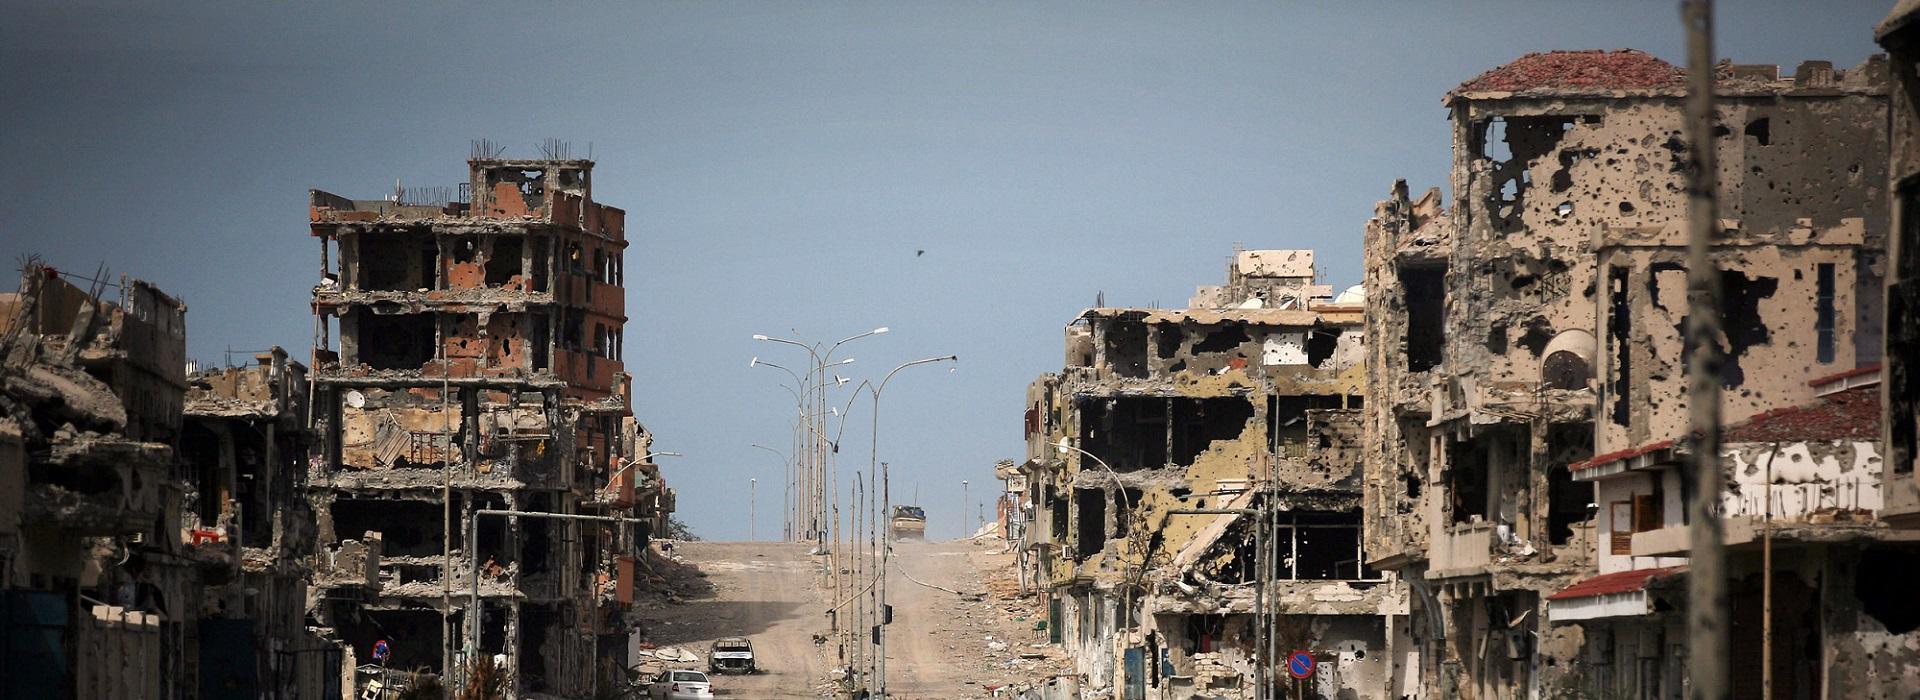 USA zaatakowały siedziby Państwa Islamskiego w Libii